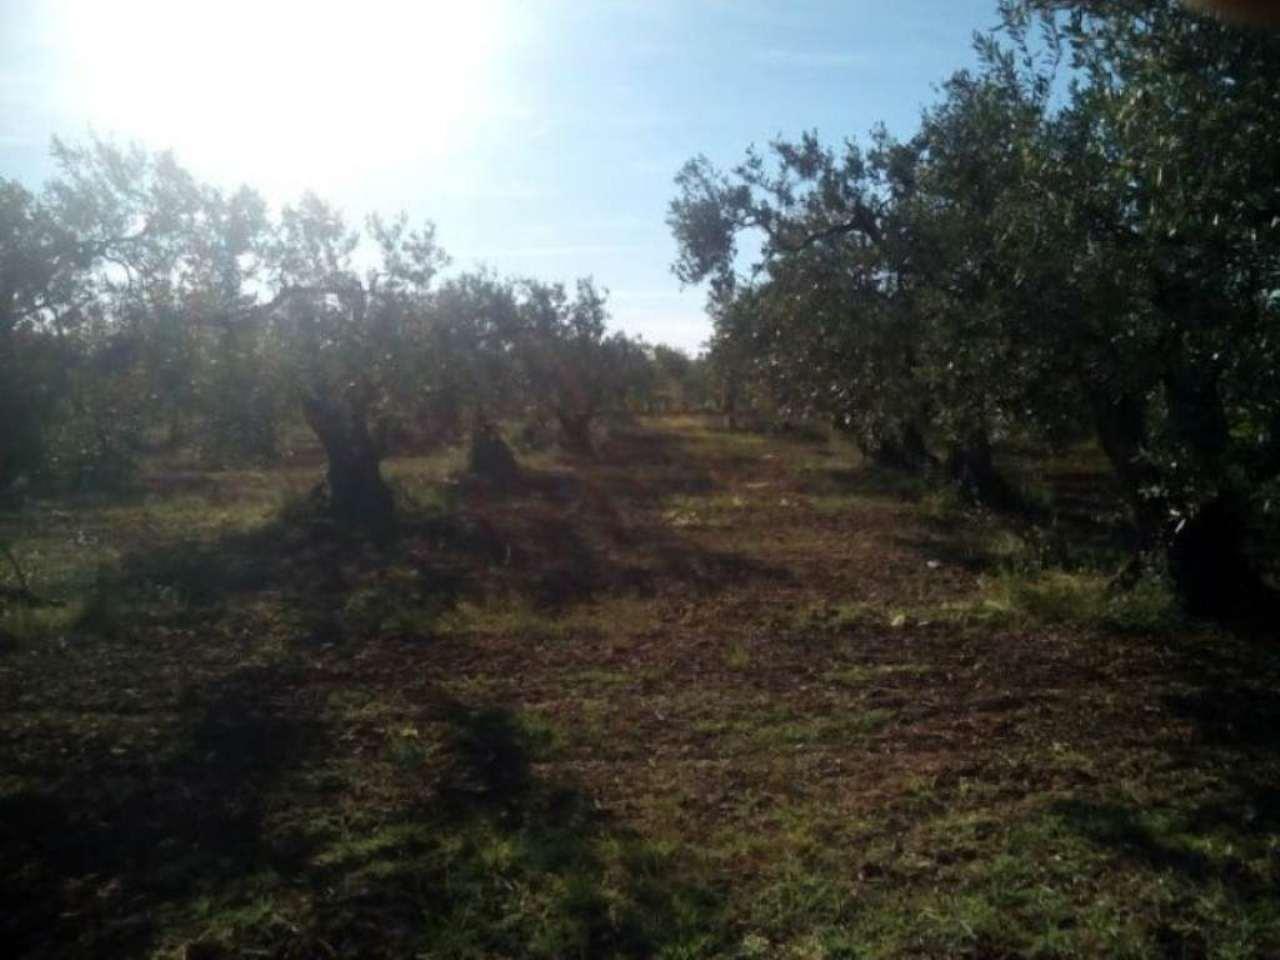 Terreno Agricolo in vendita a Castelvetrano, 9999 locali, prezzo € 35.000 | Cambio Casa.it